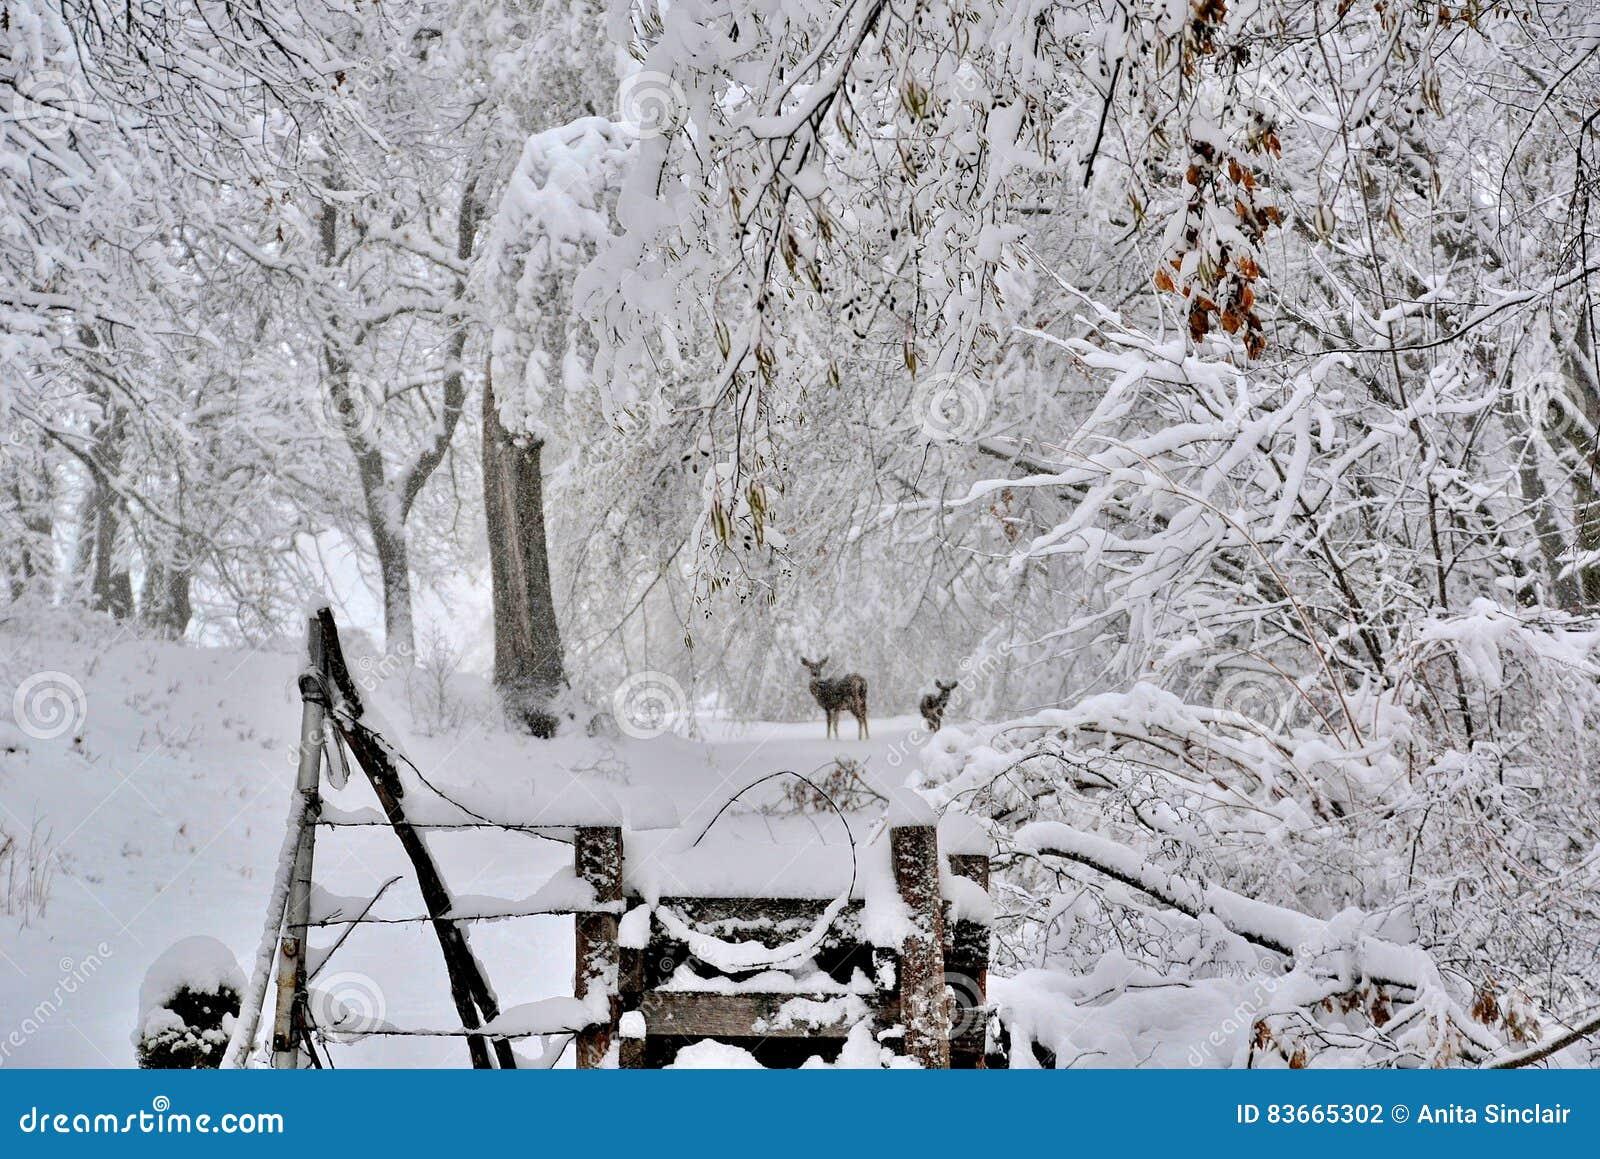 Снег зимы с оленями на проселочной дороге